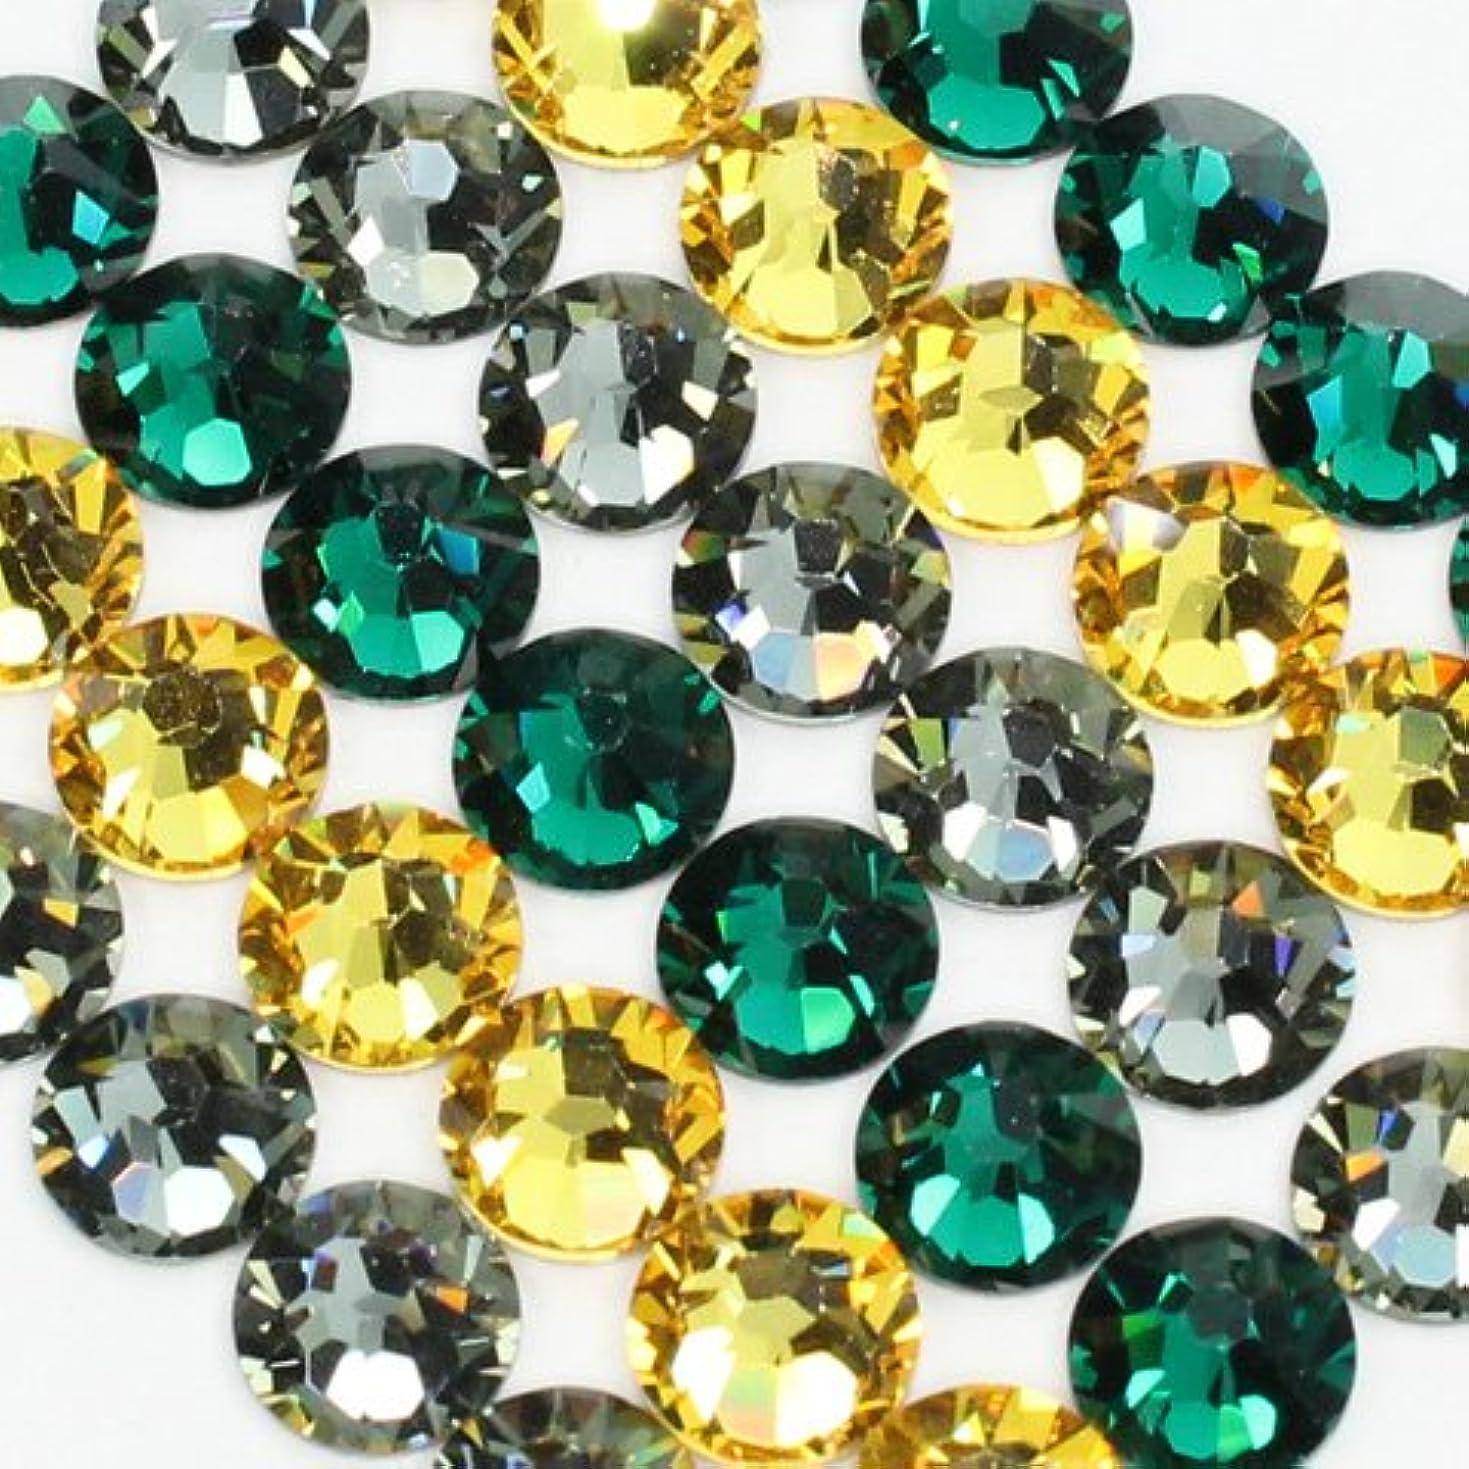 リース回復理容師お試しアートMIX[ジャマイカカラー]シトリン、ブラックダイヤモンド、エメラルド/スワロフスキー(Swarovski)/ラインストーン ss16(各20粒)